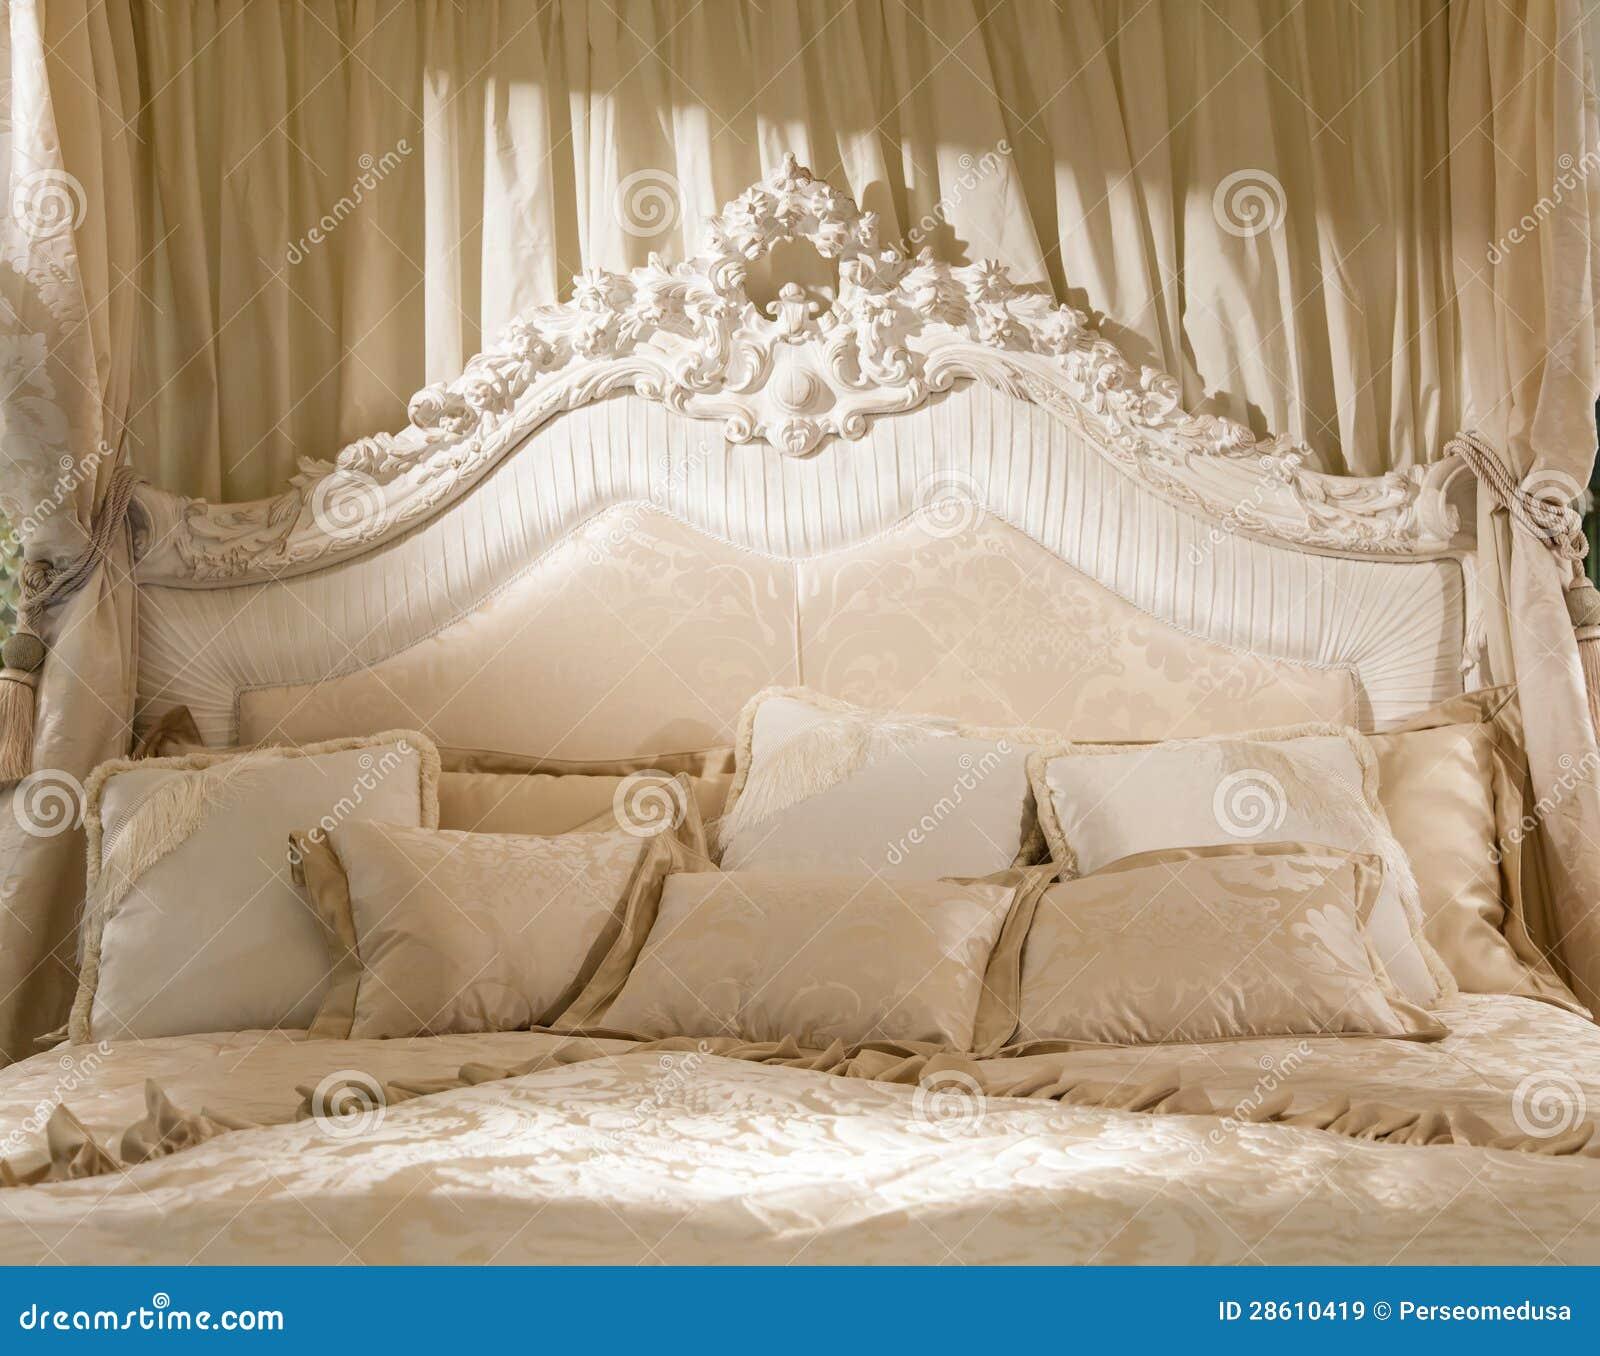 Romantisches Schlafzimmer stockbild. Bild von cozy, romantisch ...